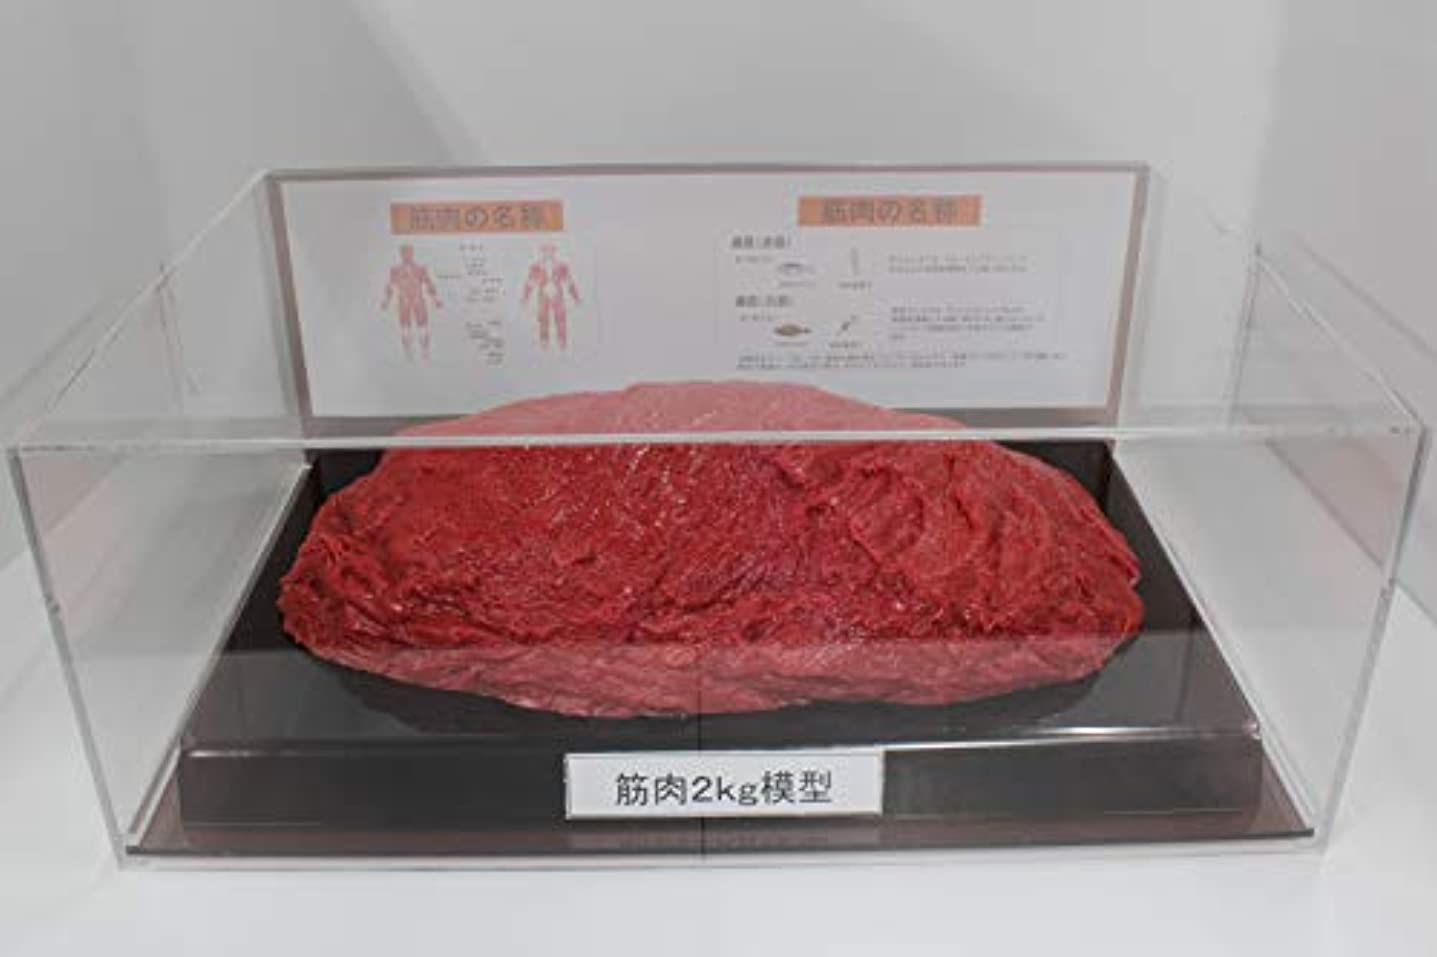 マウント名目上の配管工筋肉模型 フィギアケース入 2kg ダイエット 健康 肥満 トレーニング フードモデル 食品サンプル